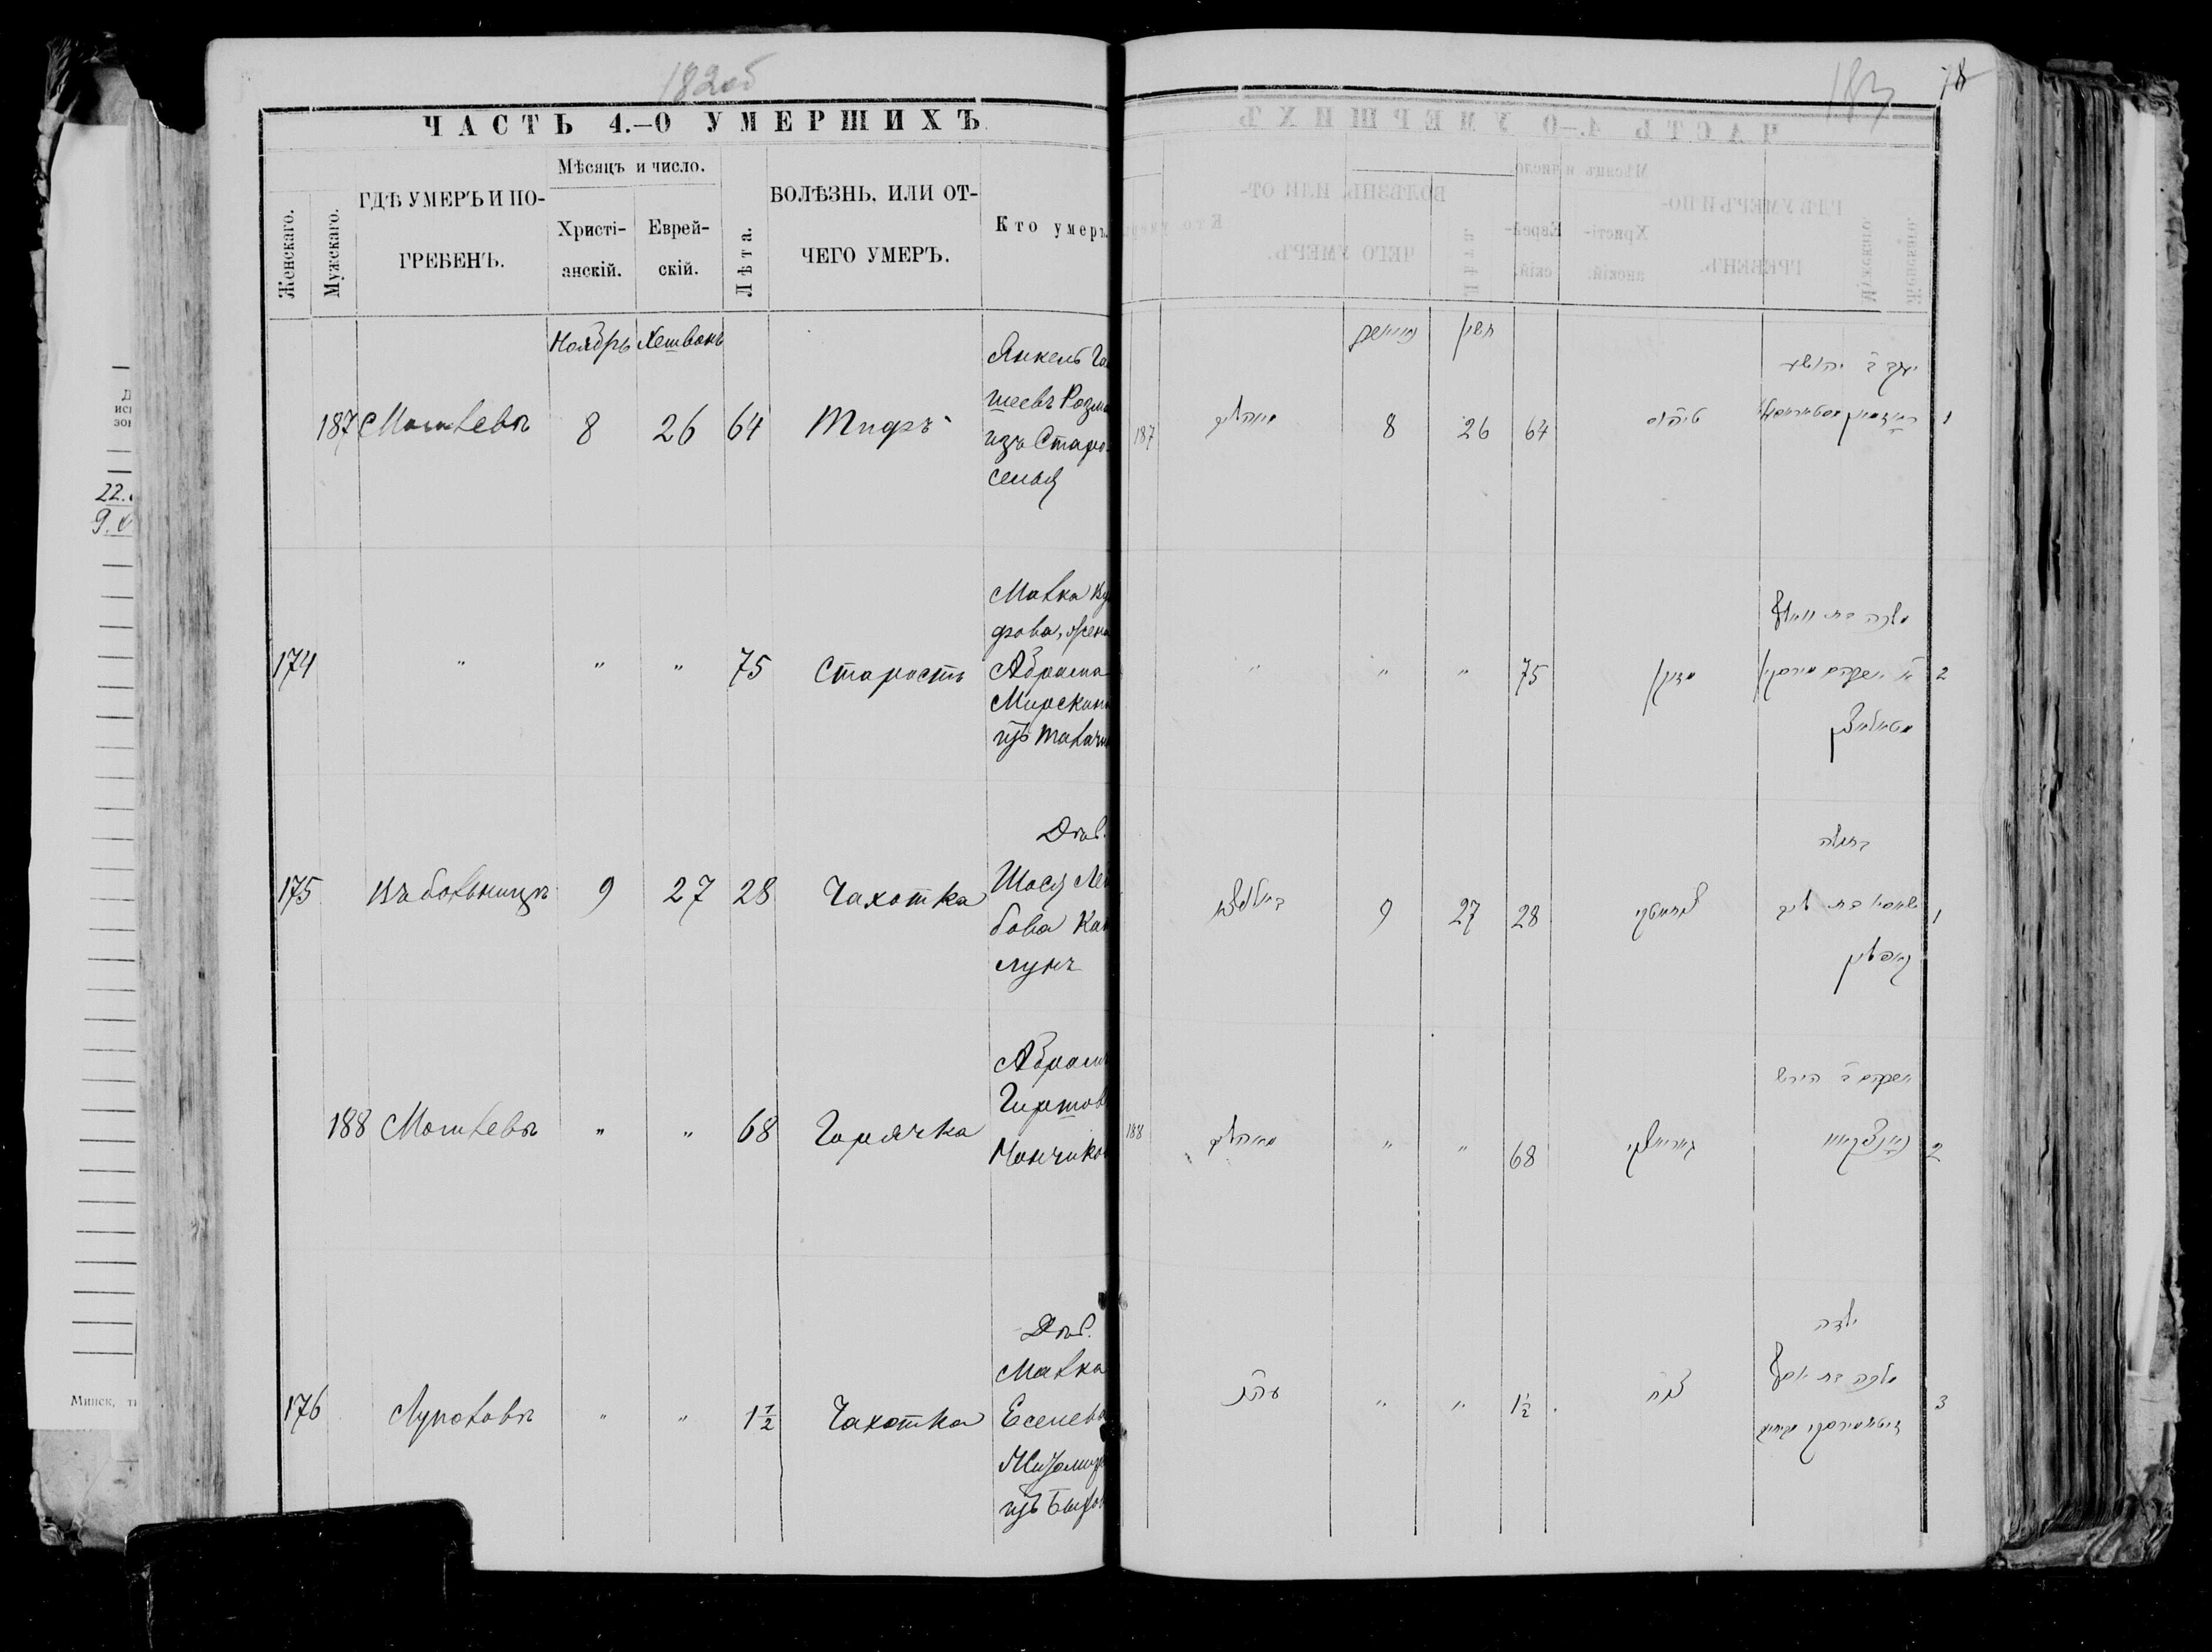 Малка Еселевна Житомирская ум. 9 ноября 1889, запись 176, пленка 004563097, снимок 296